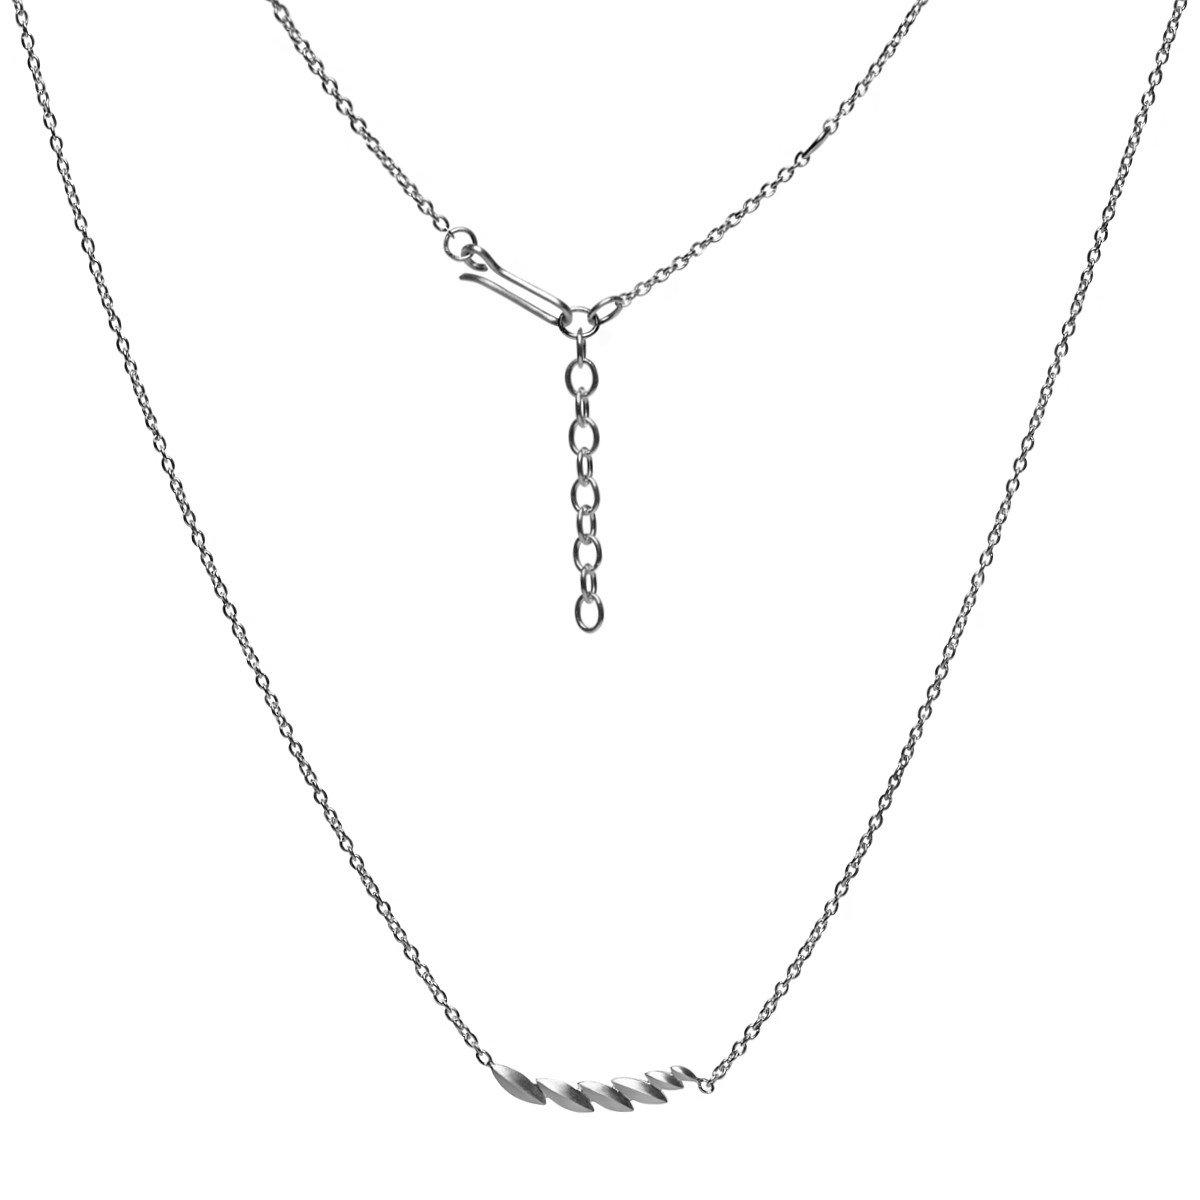 Kivi Lai Cesar Necklace in silver